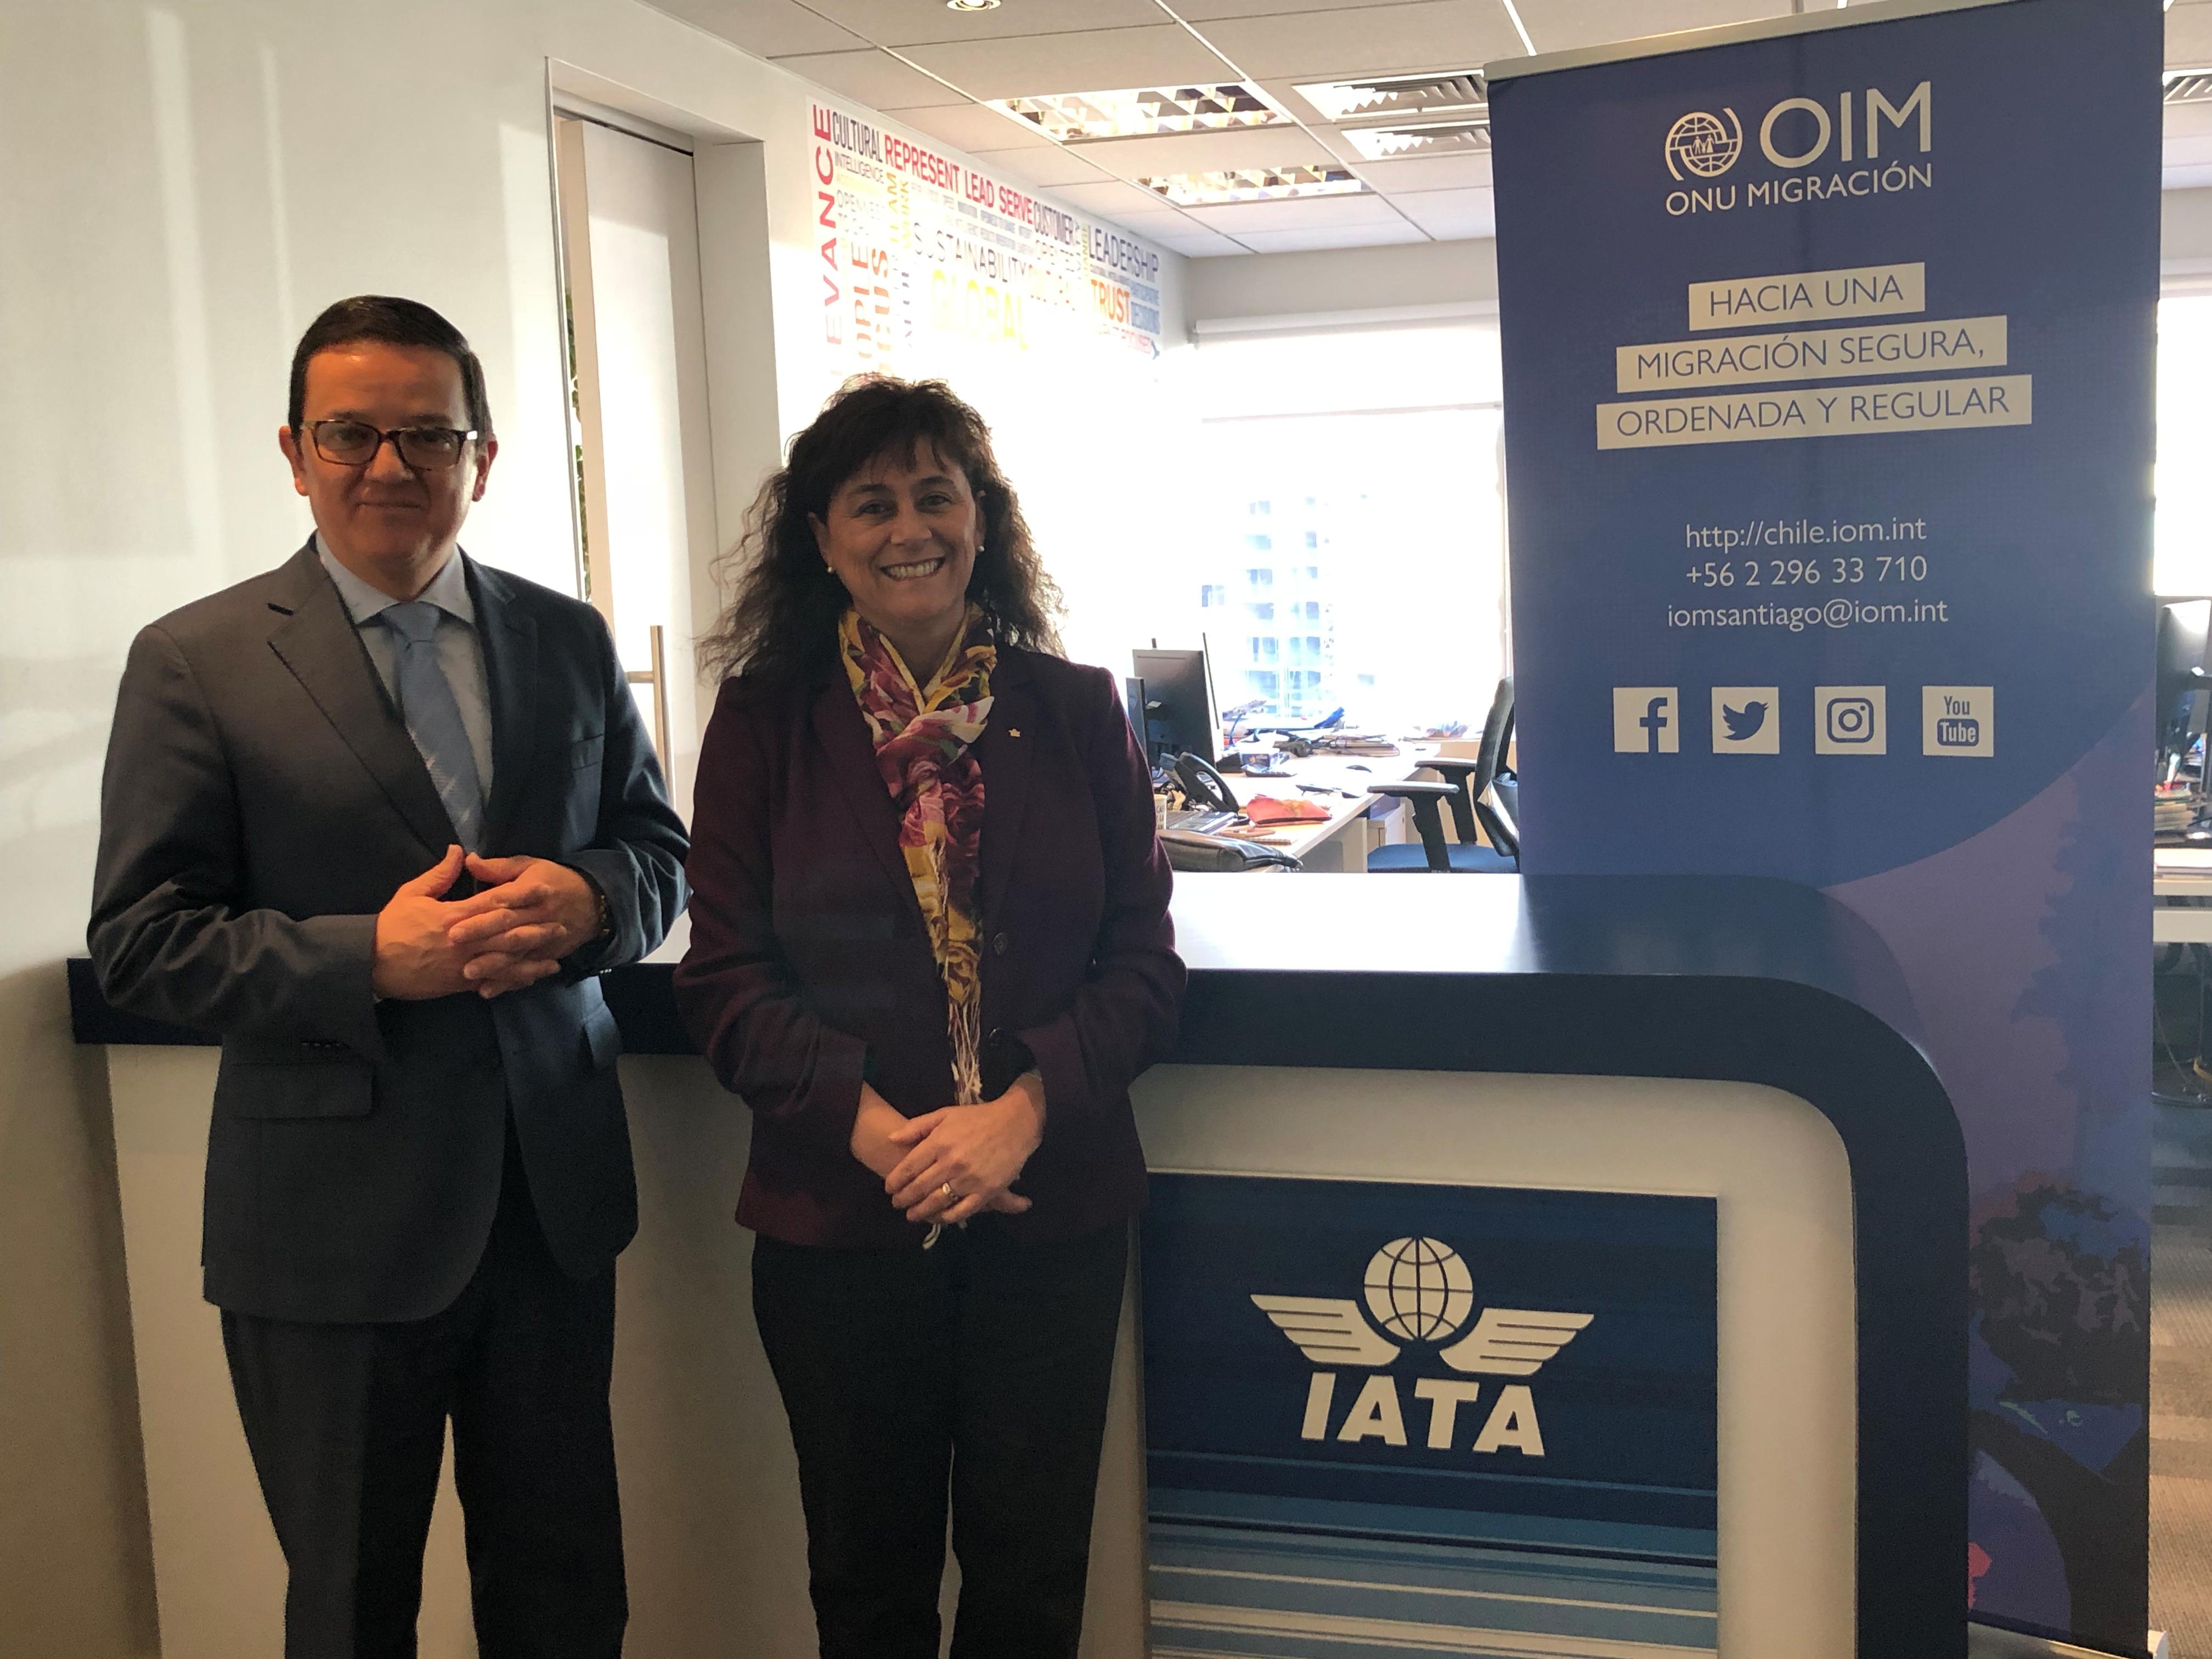 Lucha Contra la Trata de Personas: IATA y OIM trabajan en conjunto para crear conciencia